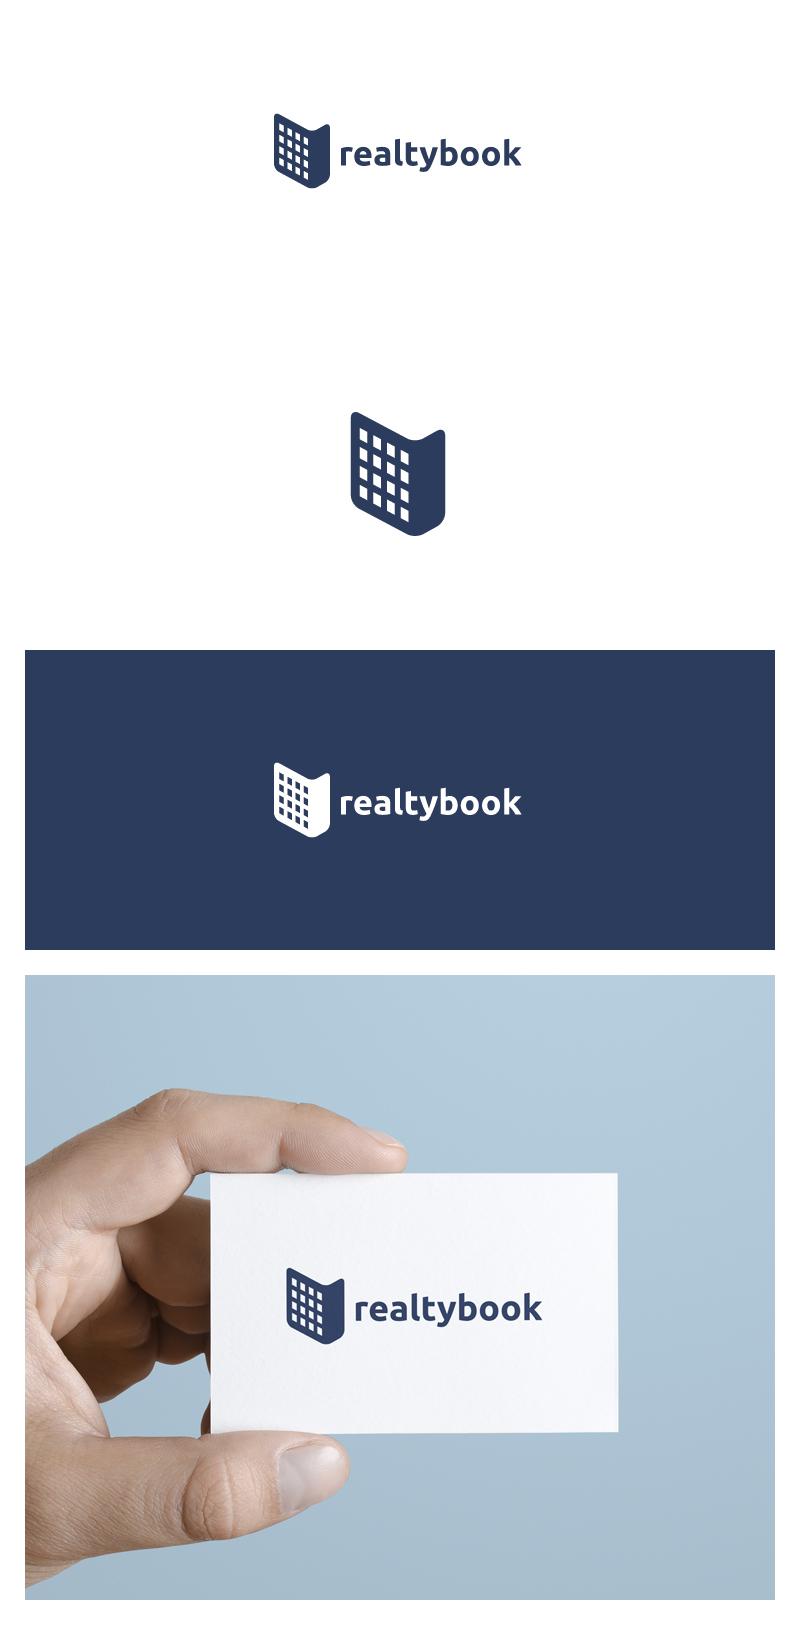 Realtybook